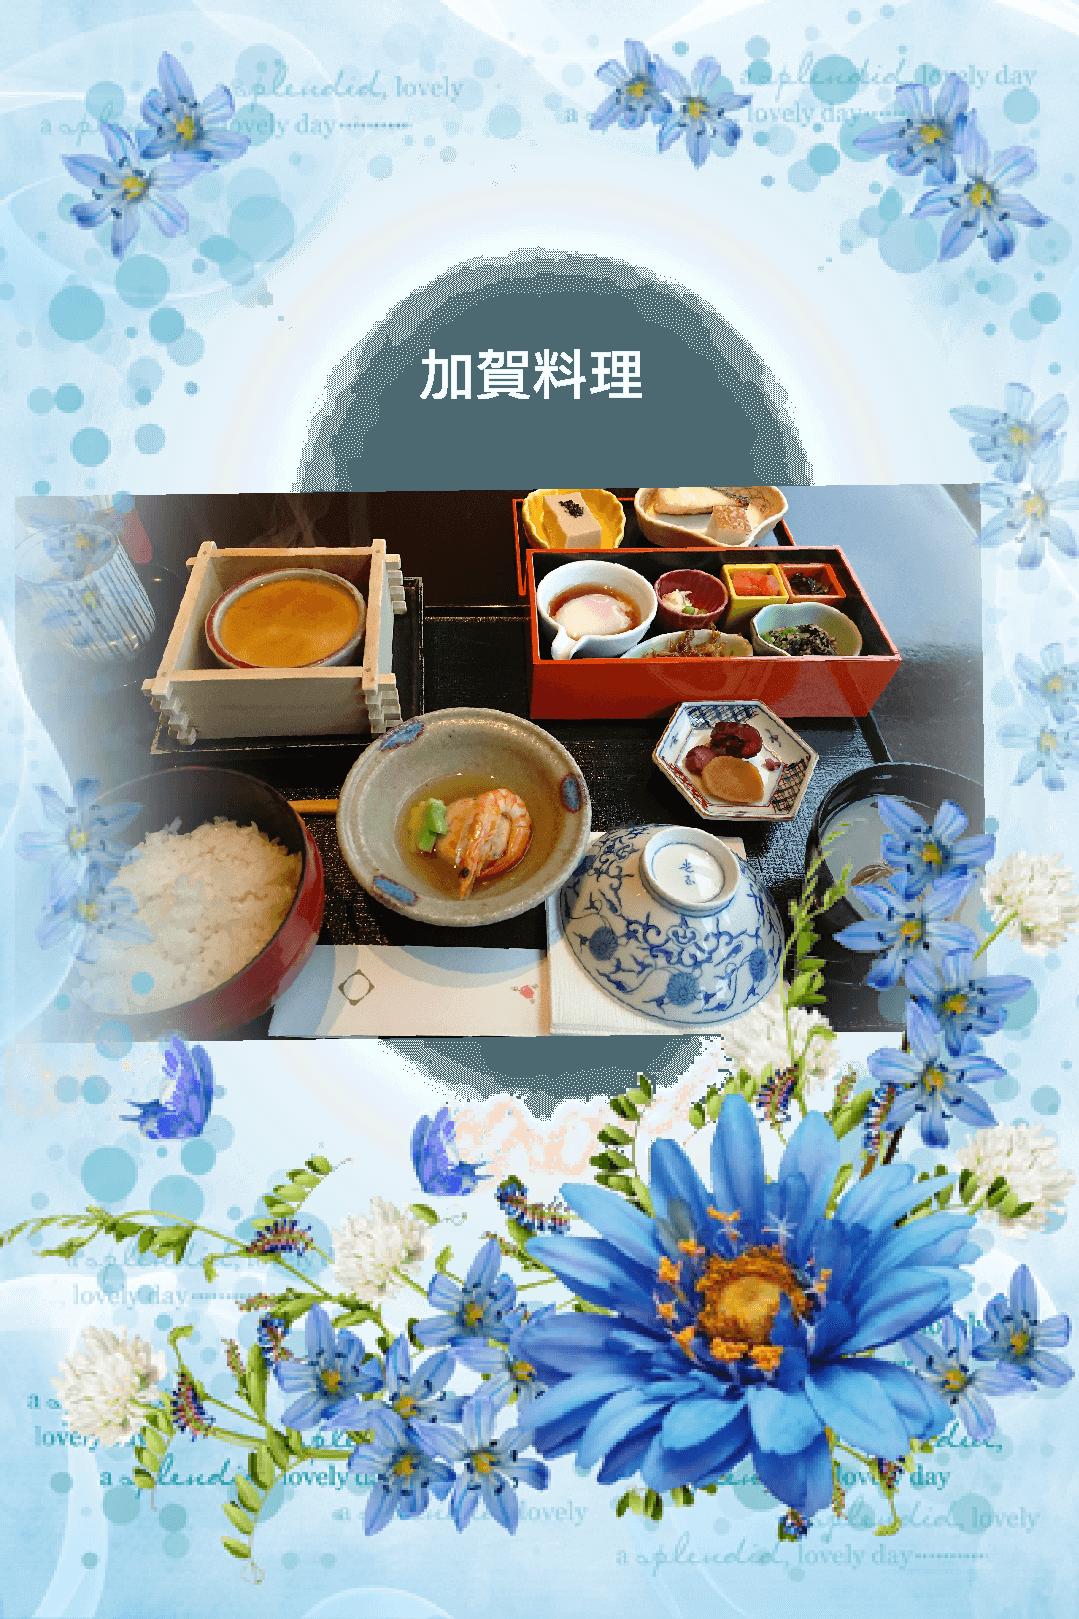 【本日の朝食】